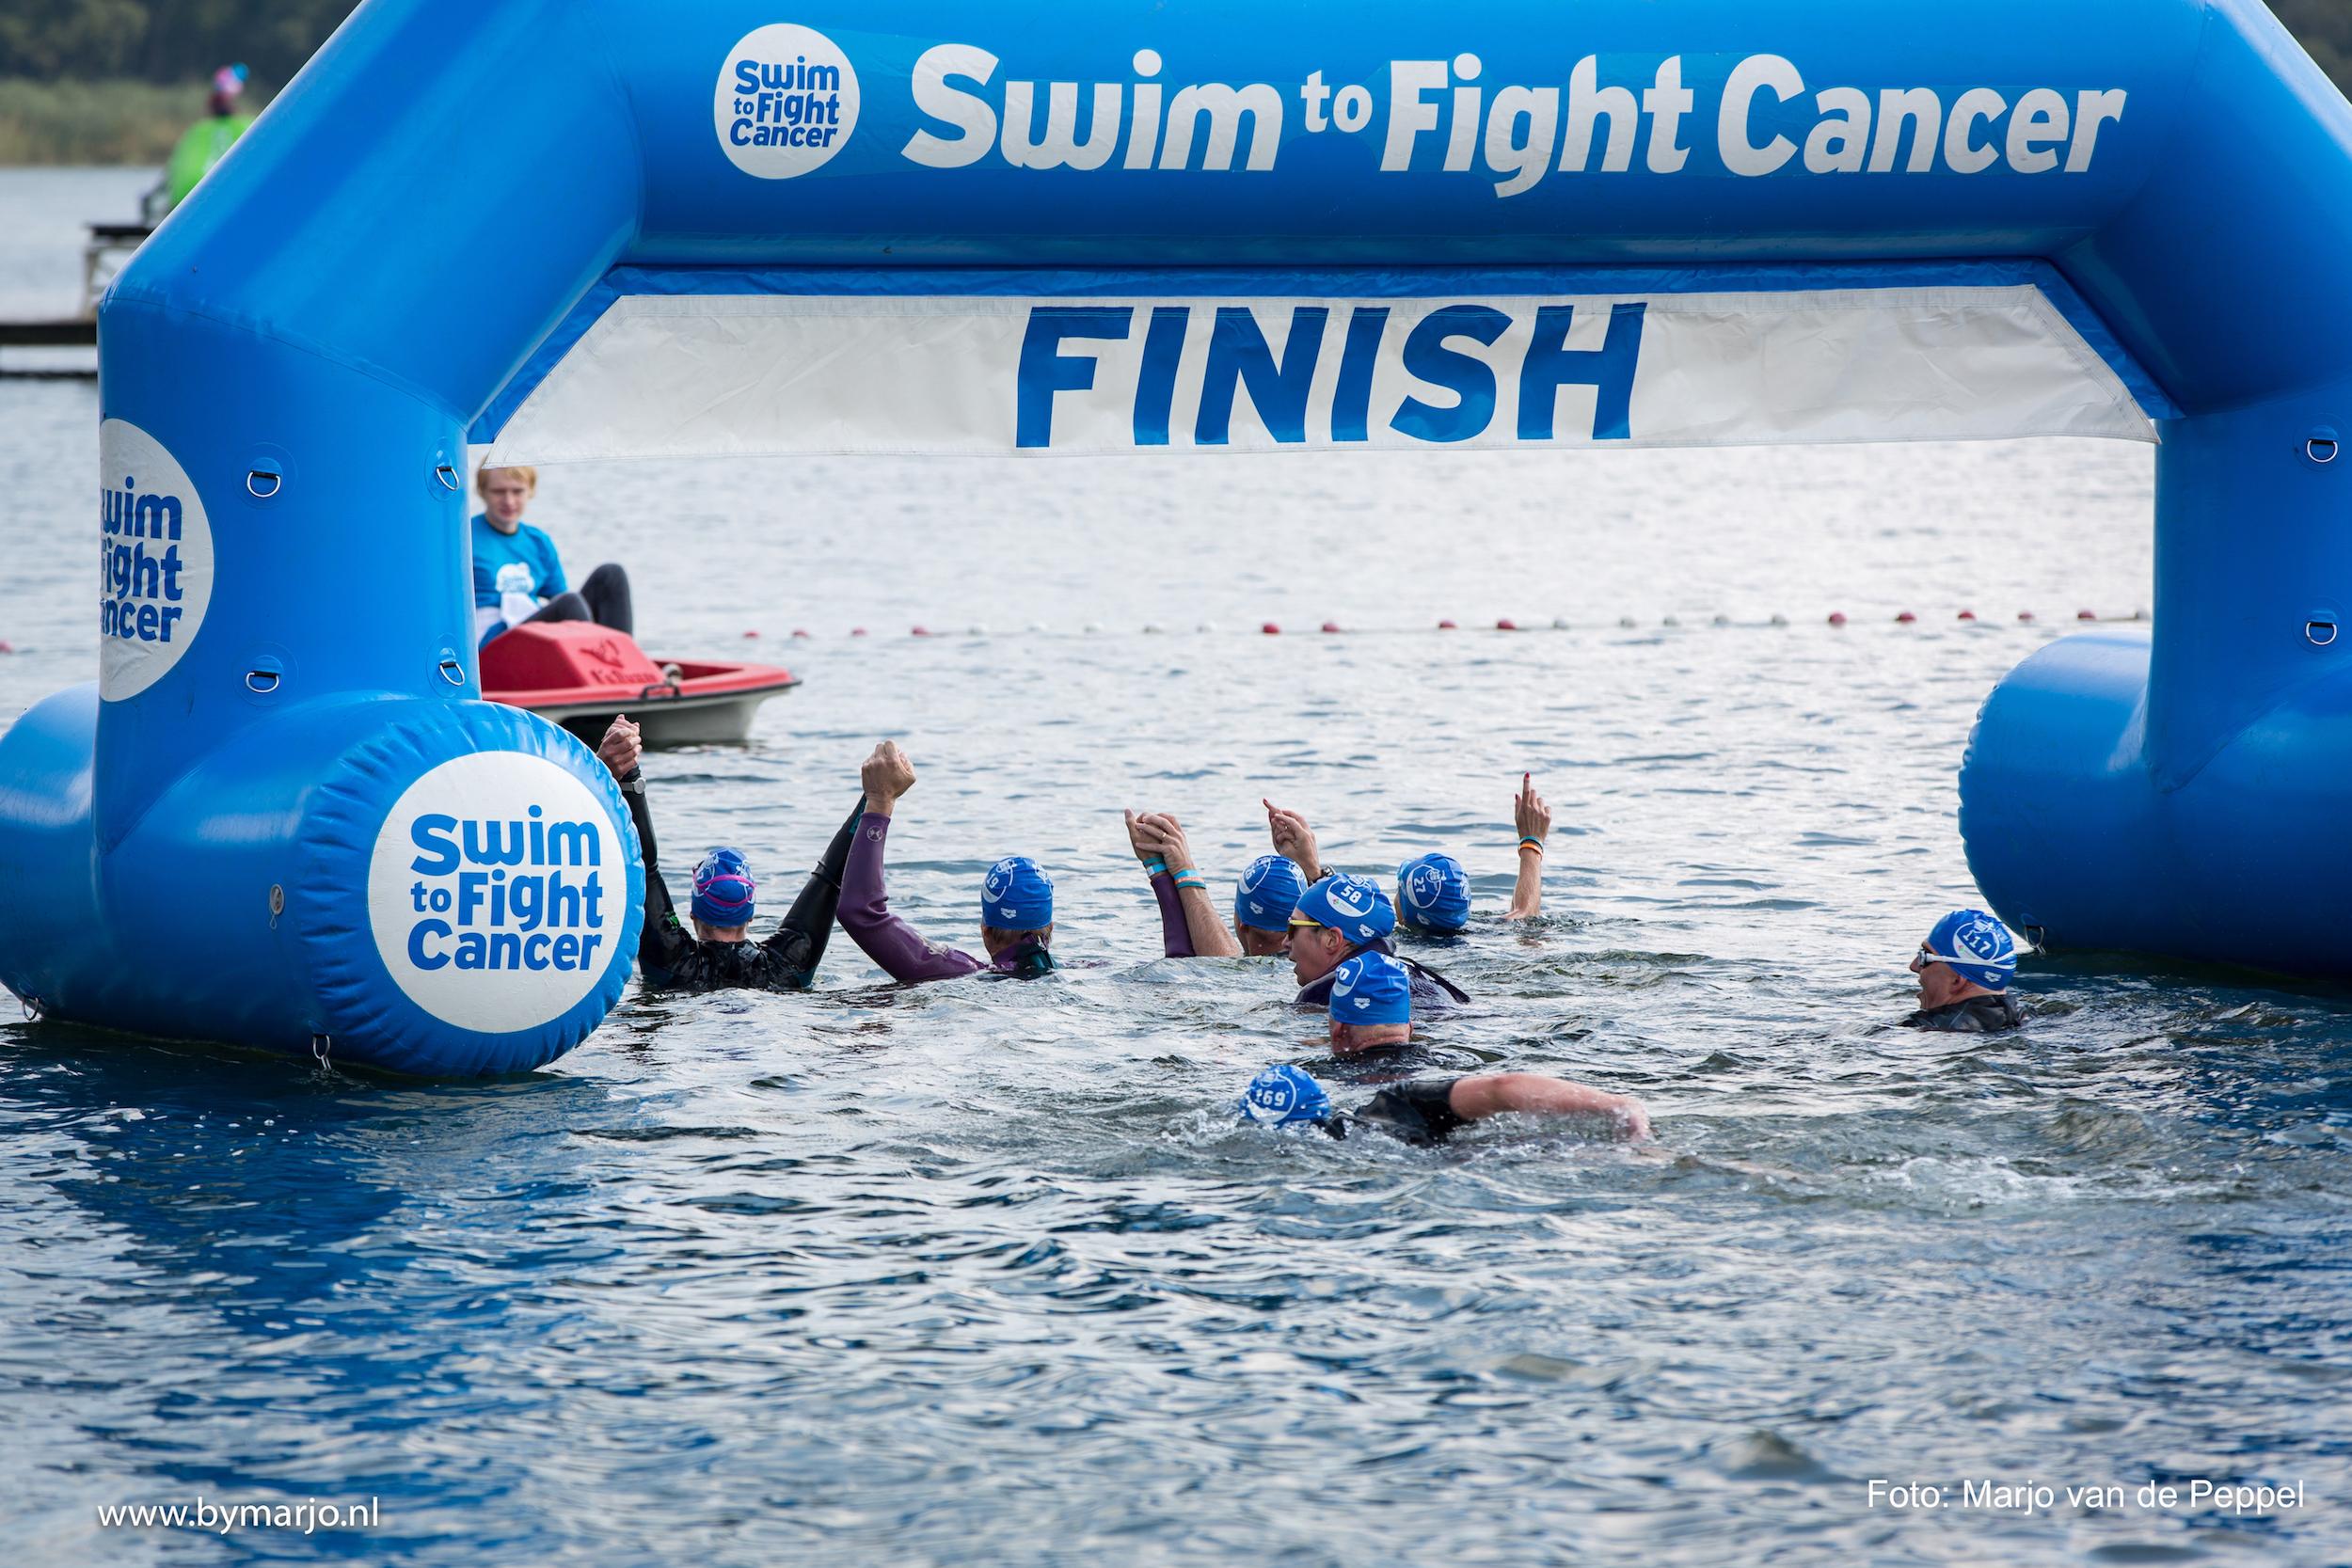 Ruim 130 deelnemers zwemmen een of twee kilometer in het Oude Veer om zoveel mogelijk geld op te halen voor Stichting Fight Cancer. (Foto: Marjo van de Peppel)